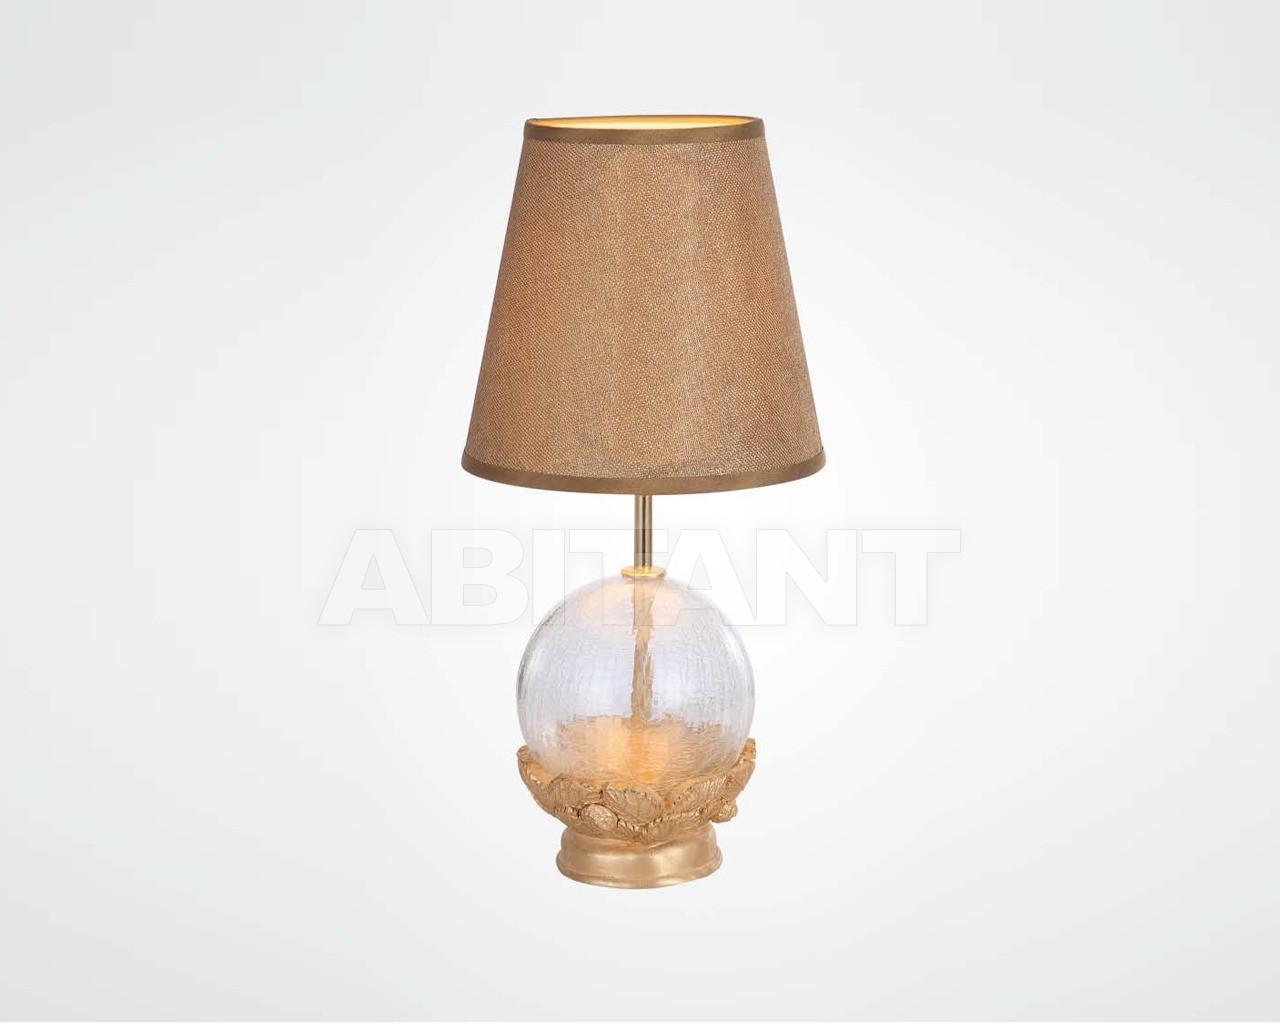 Купить Лампа настольная Crystallux Crystallux 2014 GOCCIA TL1